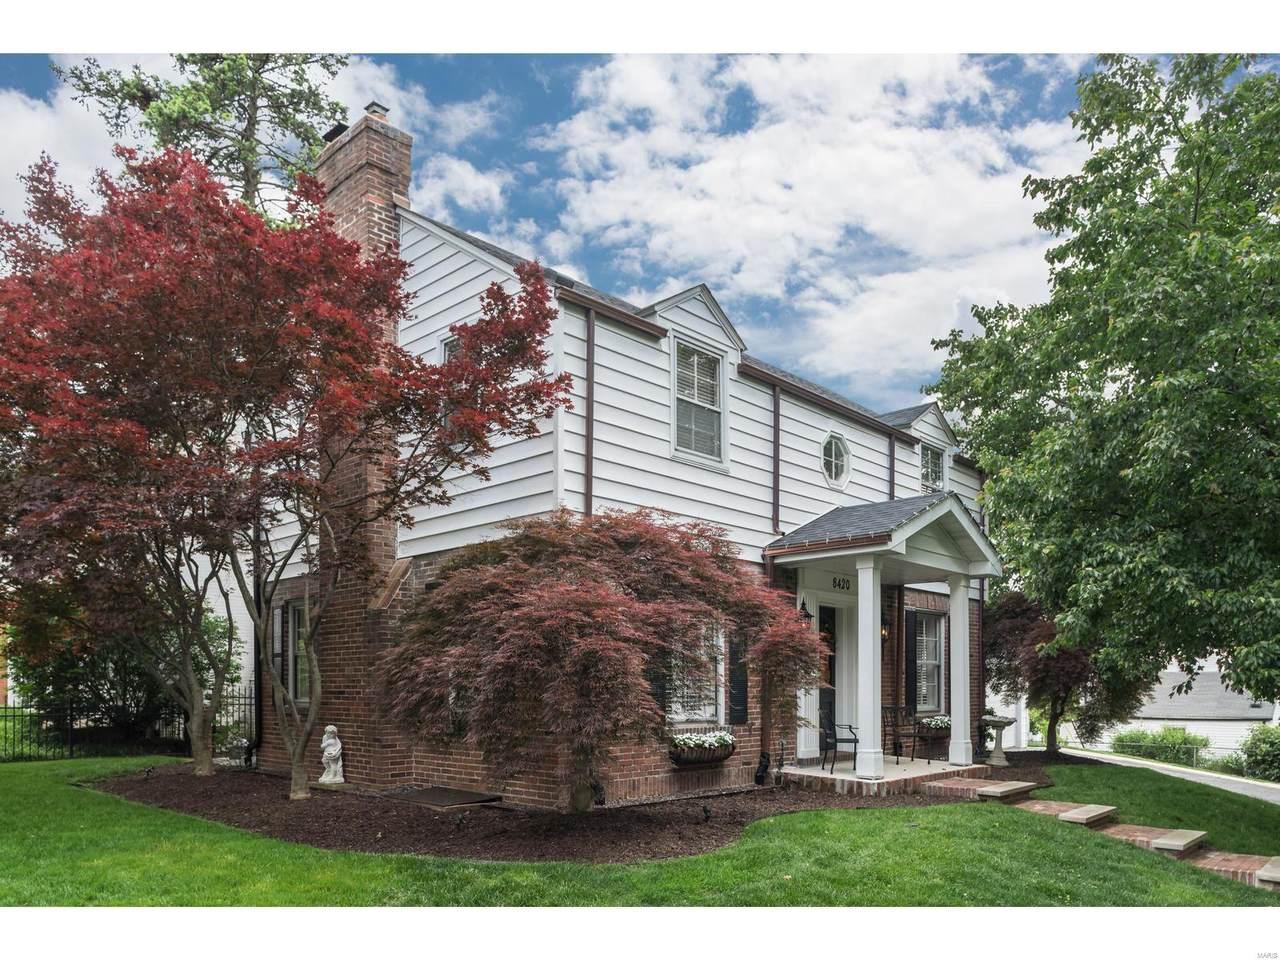 8420 Colonial Lane - Photo 1